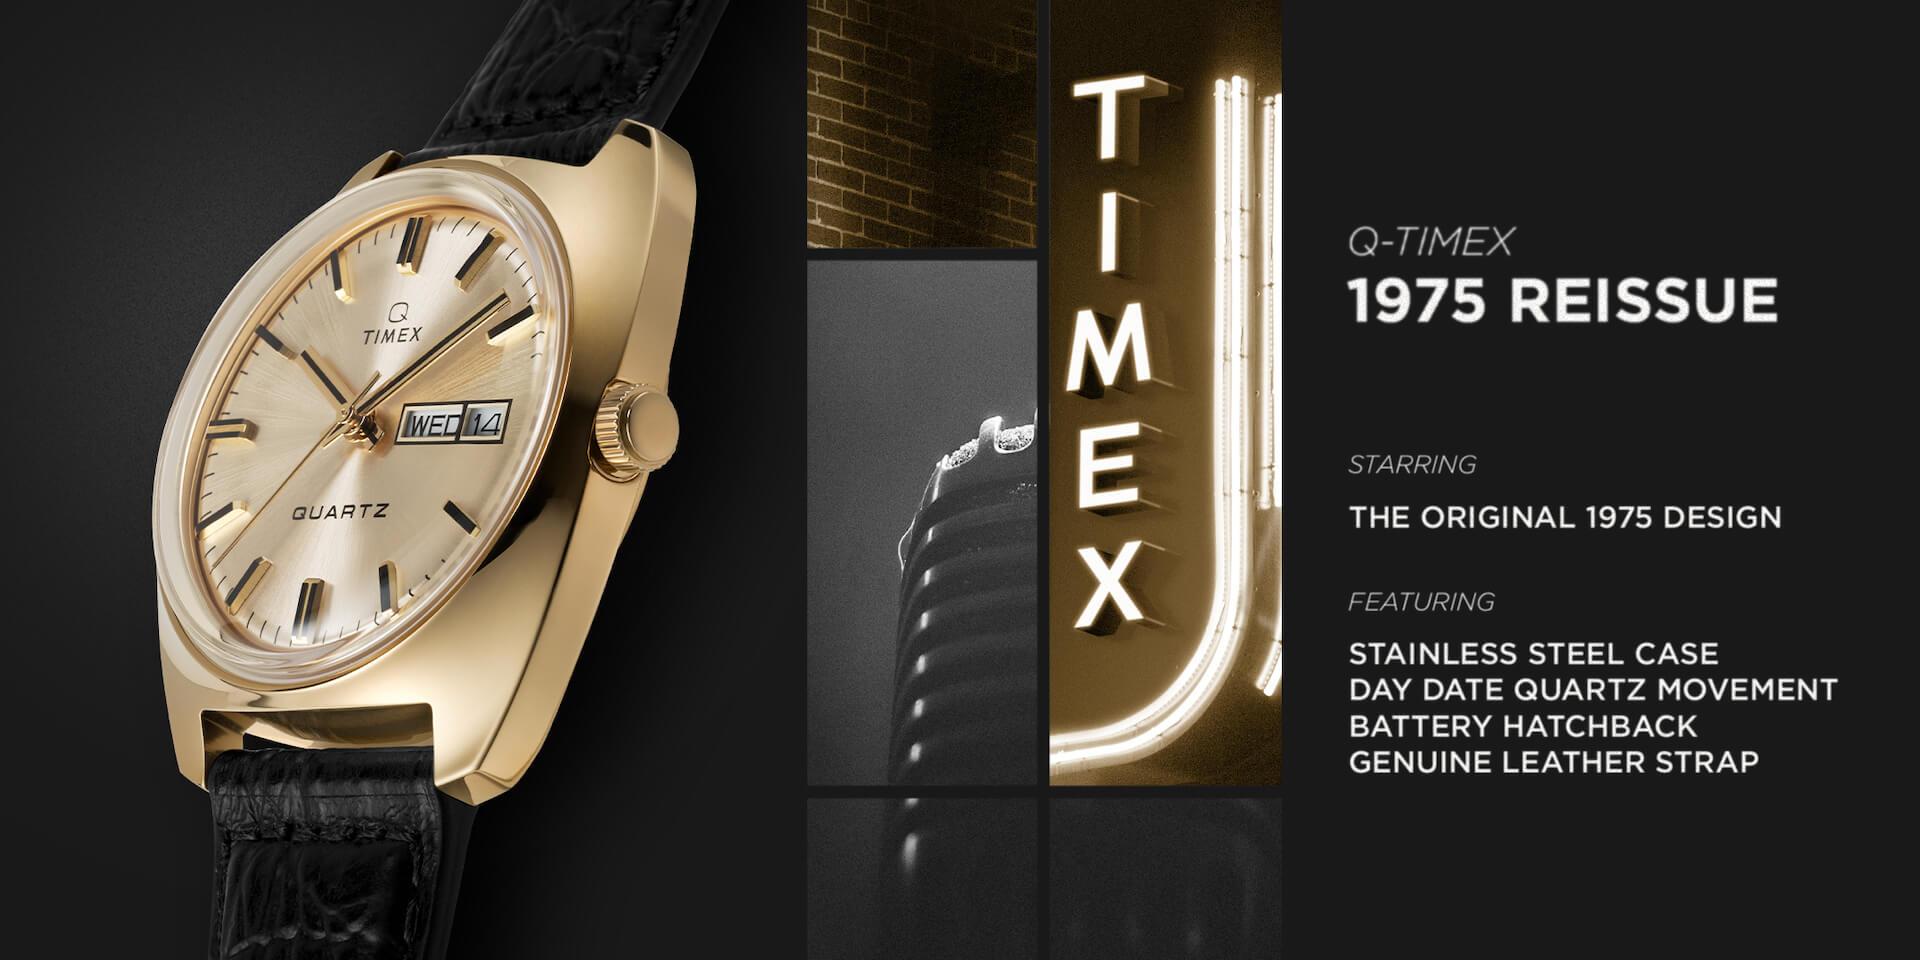 『Q TIMEX』を復刻したゴージャスなモデル『Marmont』が発売決定!本日予約受付開始 life210525_qtimex_1